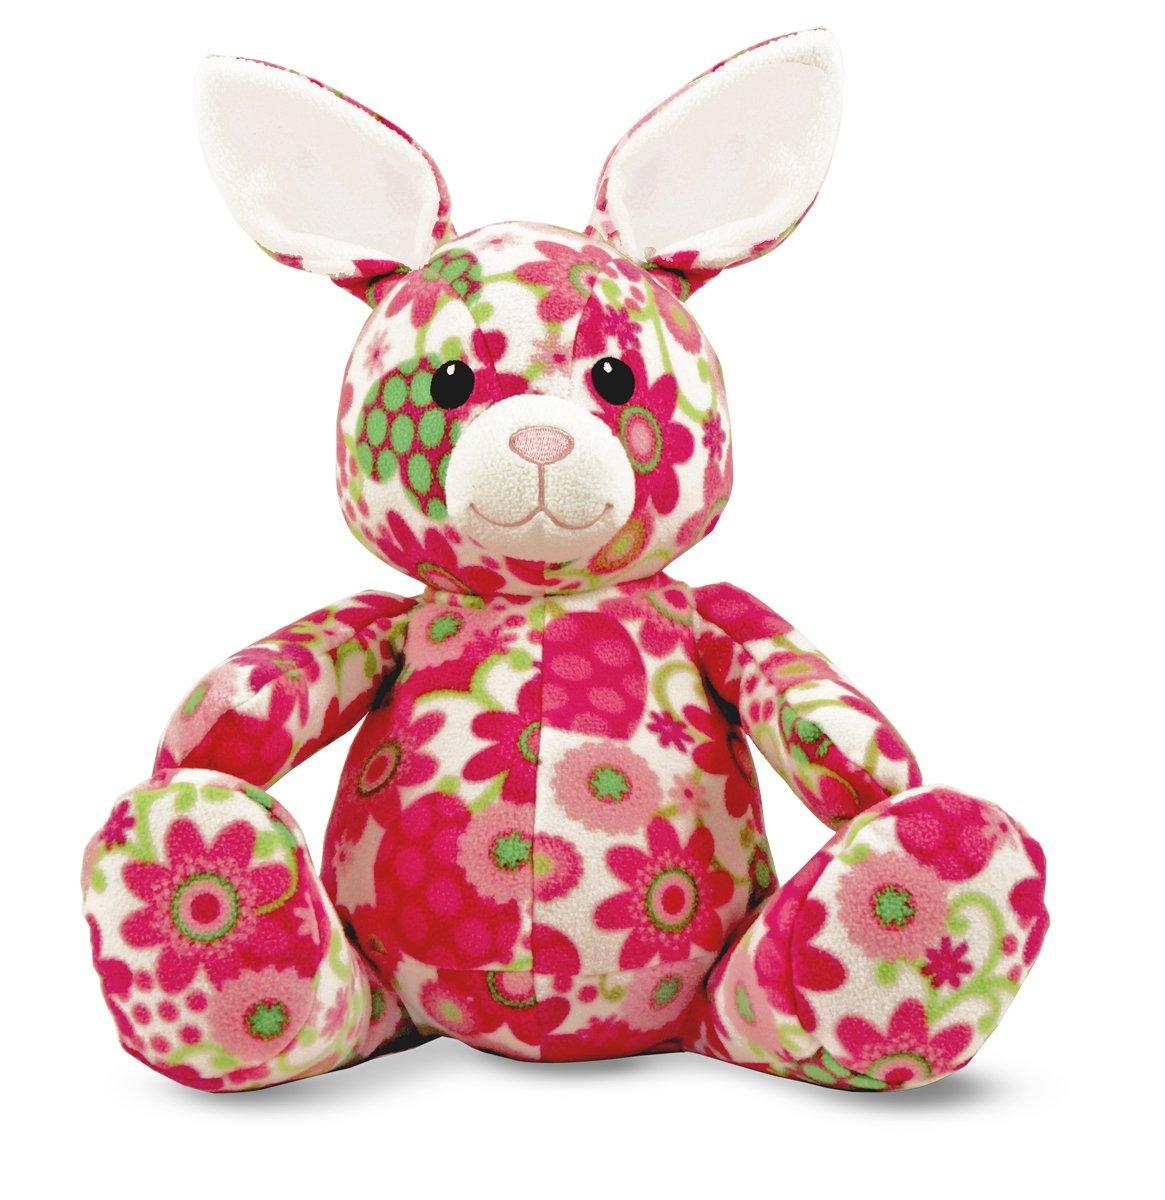 Мягкая игрушка - ЗаяцЗайцы и кролики<br>Мягкая игрушка - Заяц<br>